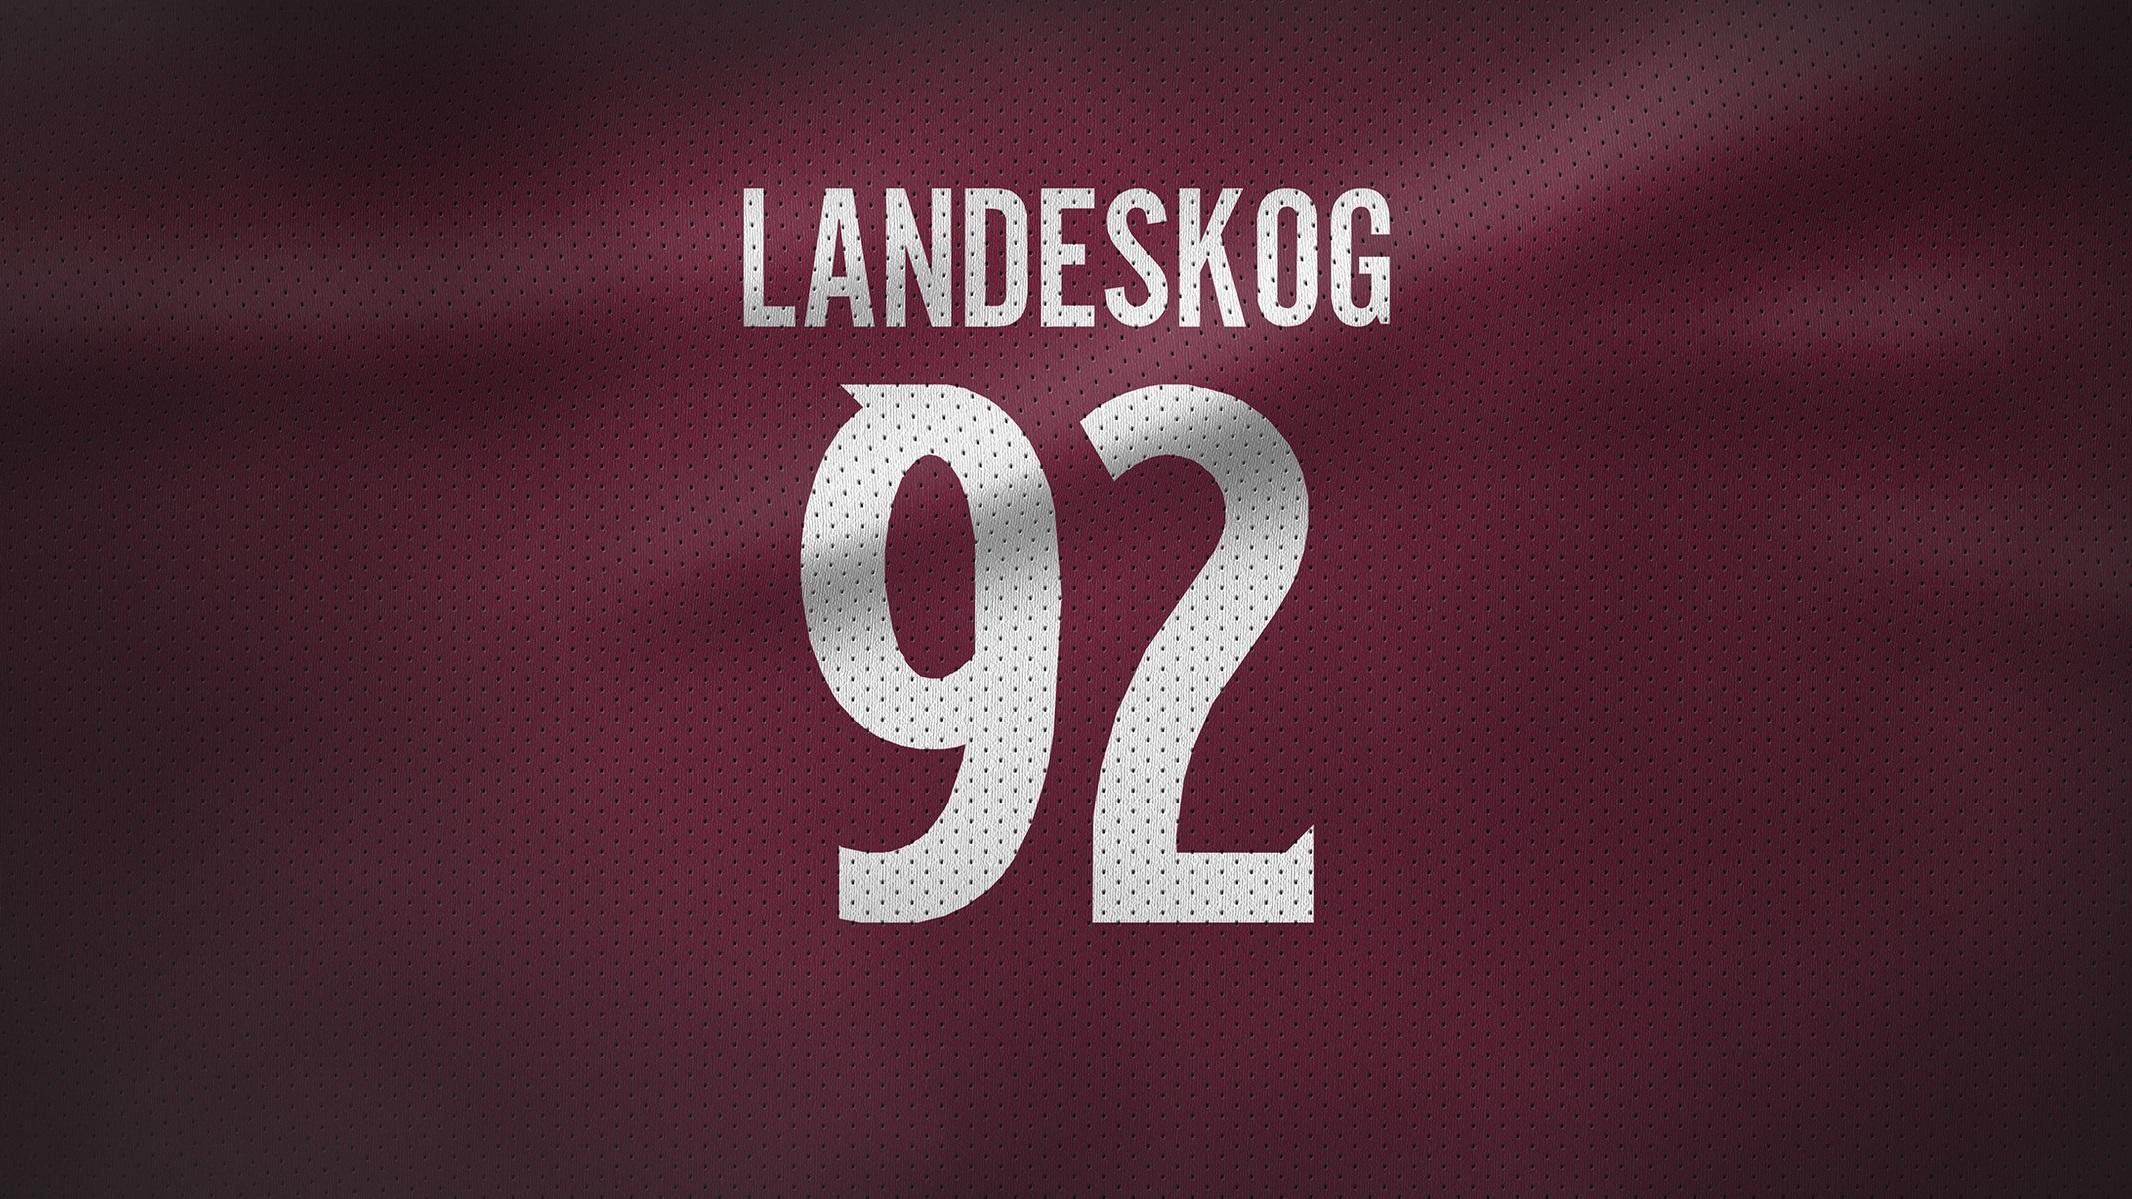 Stjärnor / Svenskar - Den klart största stjärnan i klubben är kanadensaren och centern Nathan MacKinnon som de senaste säsongerna fullkomligt exploderat i sin utveckling och varit en av ligans bästa spelare. I klubben finns flera tongivande spelare såsom svenske Gabriel Landeskog och det finländske stjärnskottet Mikko Rantanen.